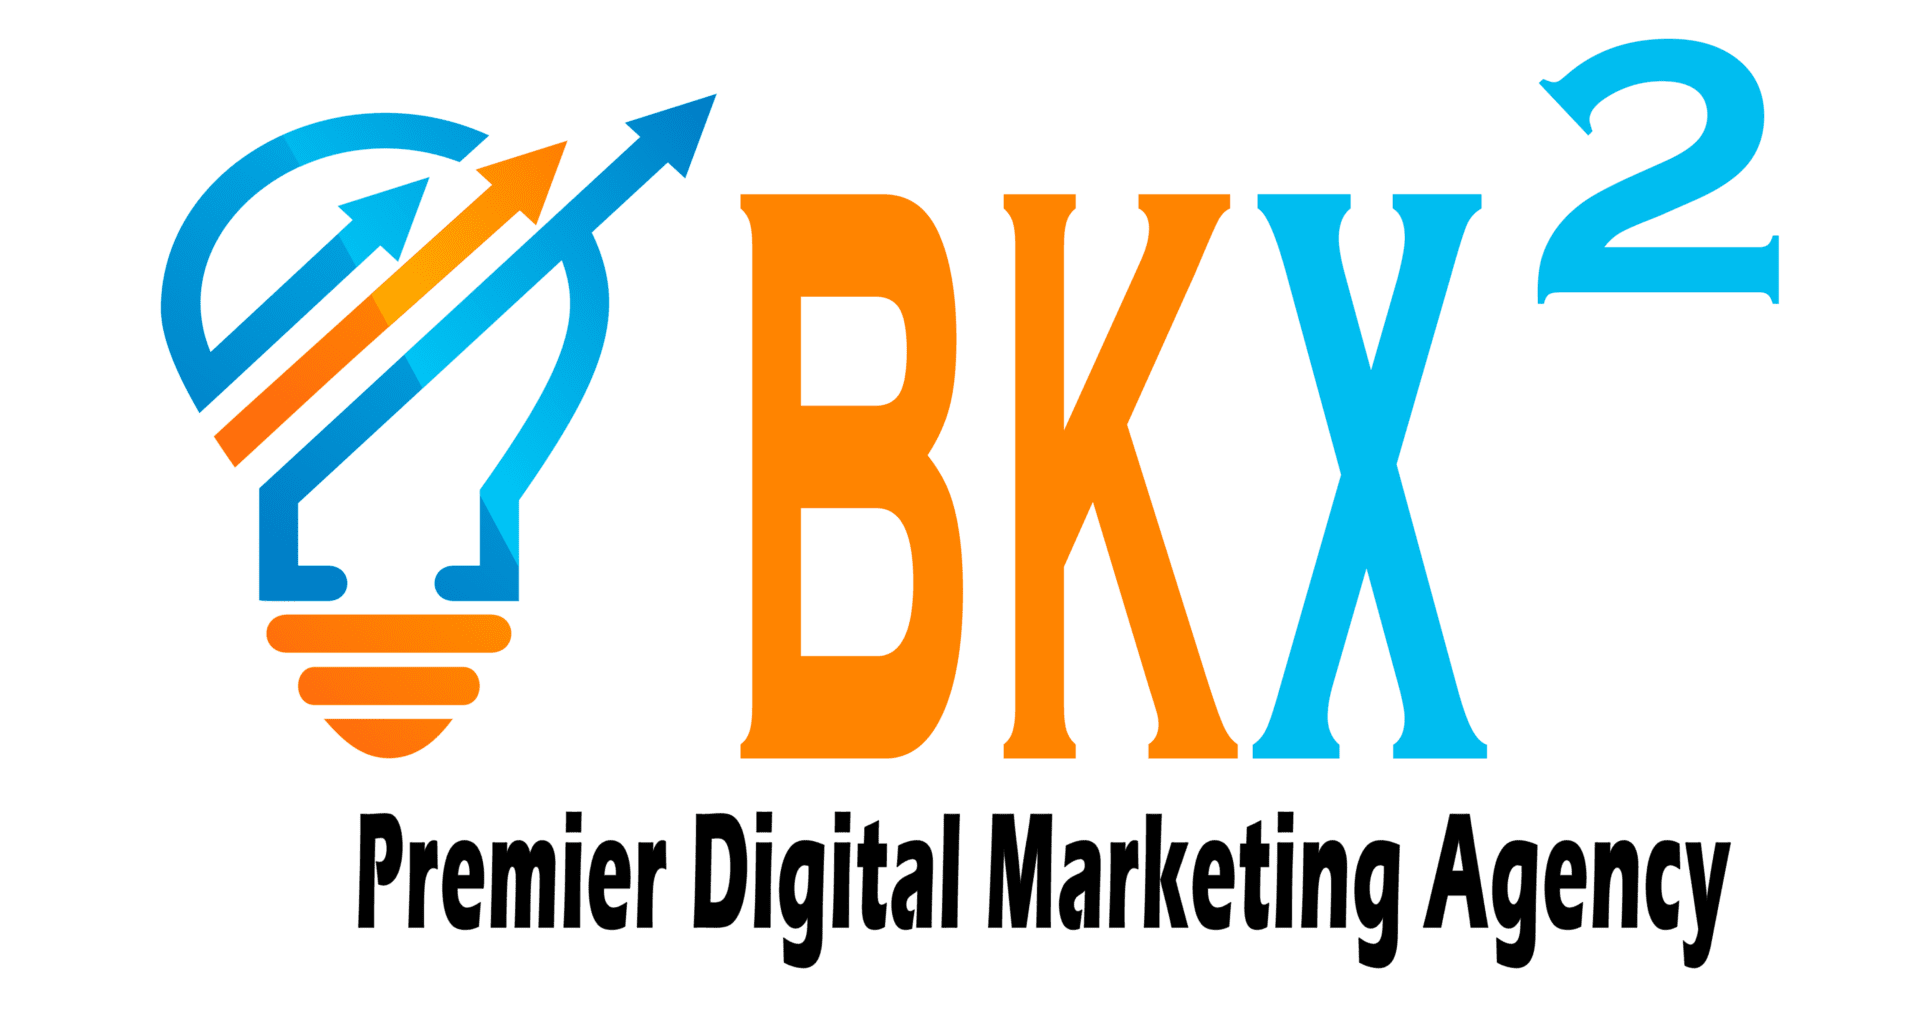 BKXX Enterprises, LLC